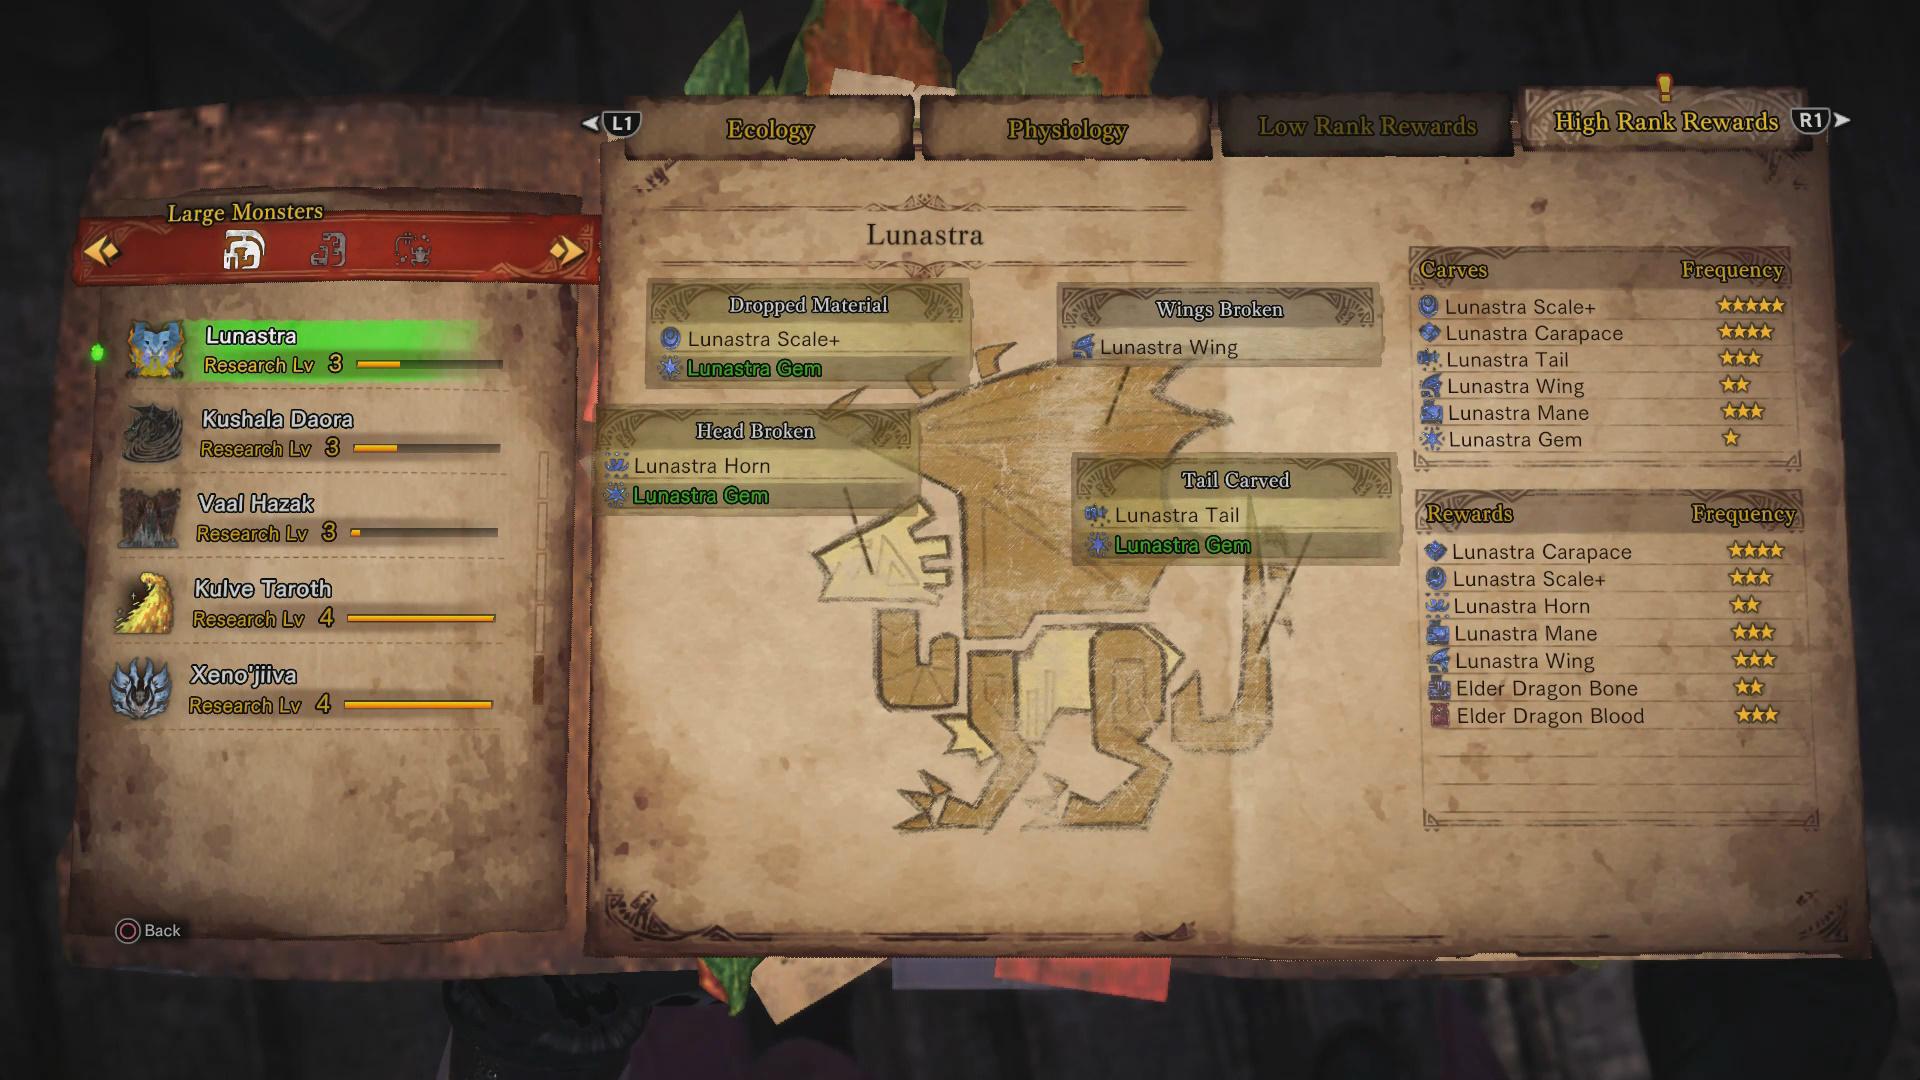 Lunastra Guide: Monster Weakness, Carves & Rewards, Armor Sets